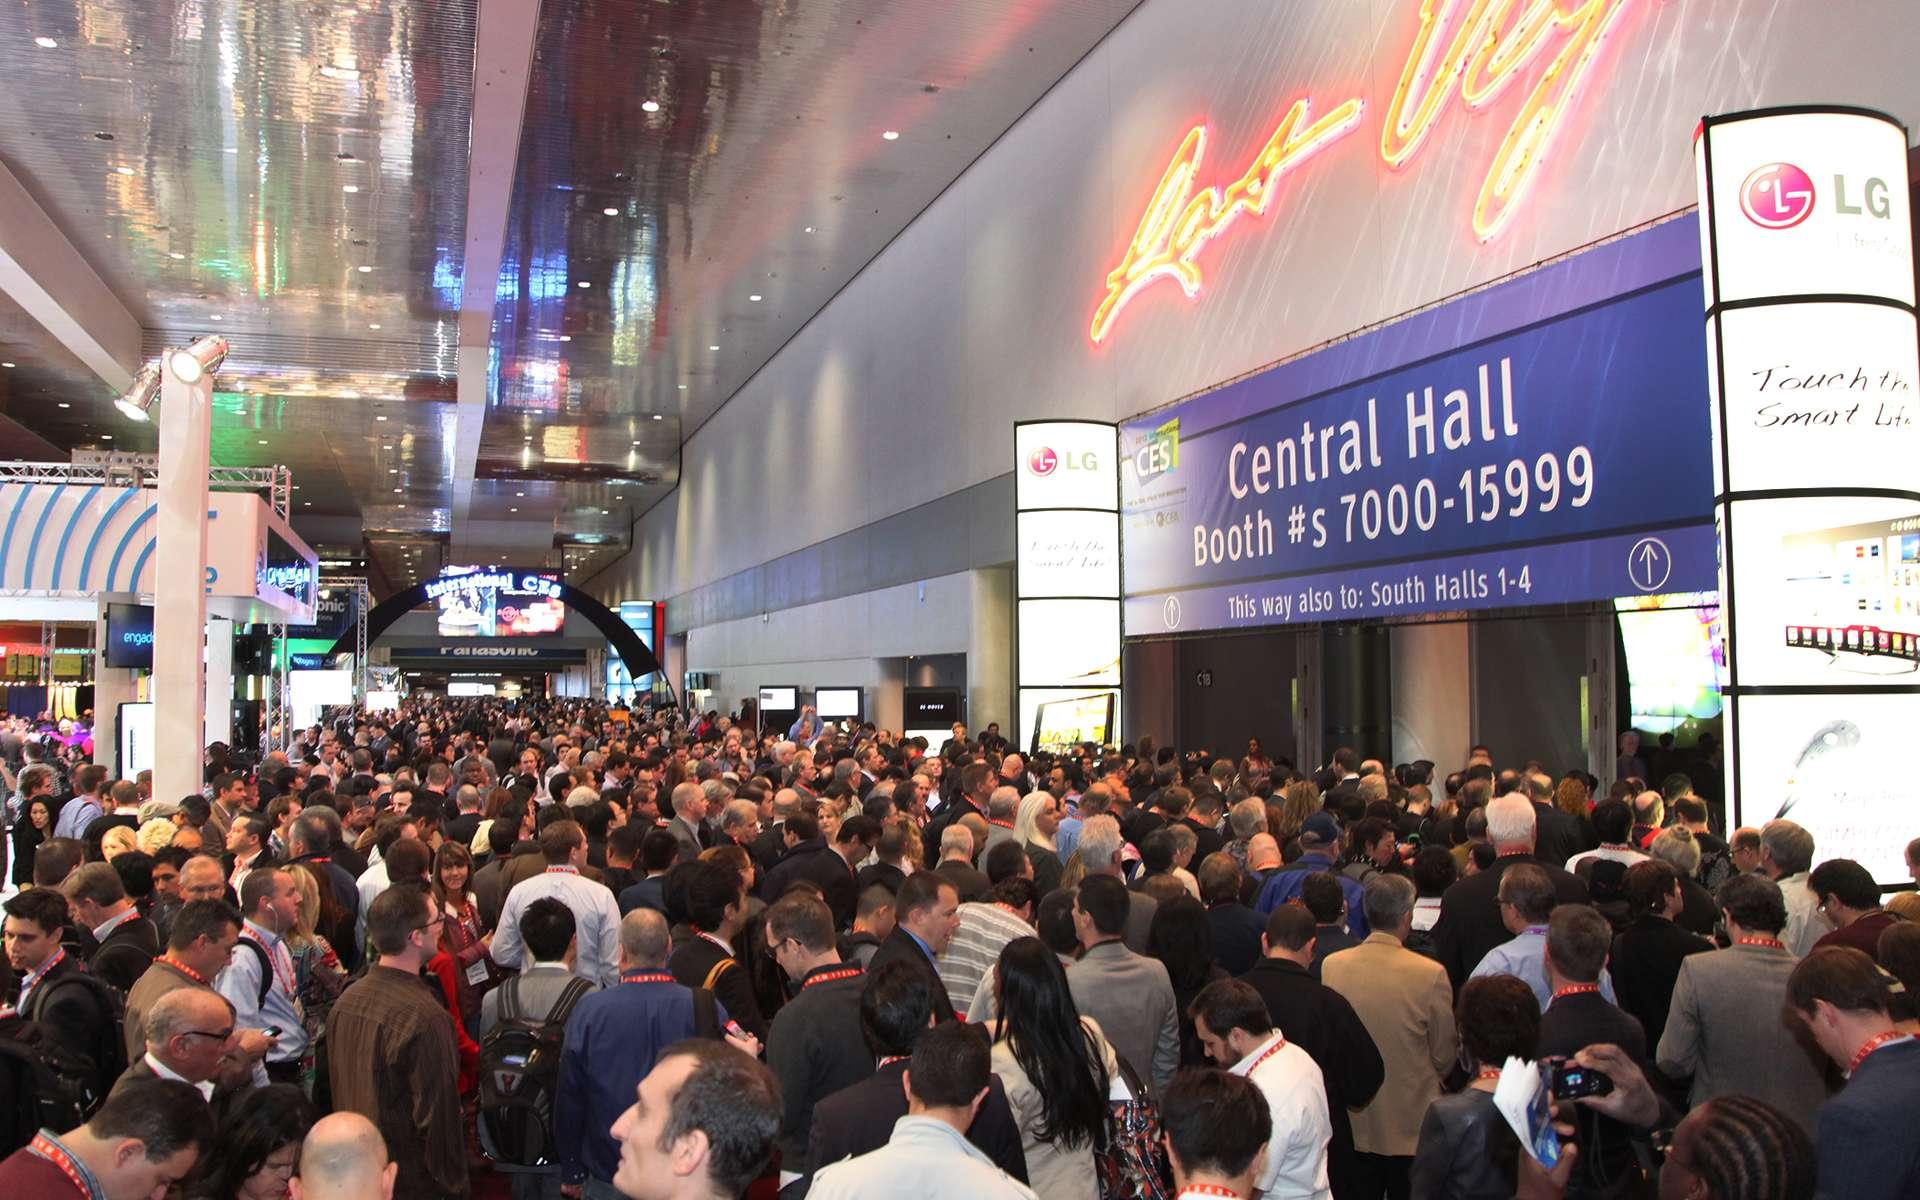 Chaque année, le CES de Las Vegas est la vitrine des innovations du secteur high-tech. Cette année, si les grands écrans Oled en ultra haute définition (3.840 x 1.920 pixels) font beaucoup parler d'eux, certains constructeurs ont dévoilé des nouveautés atypiques qui nous ont marqués. © CES